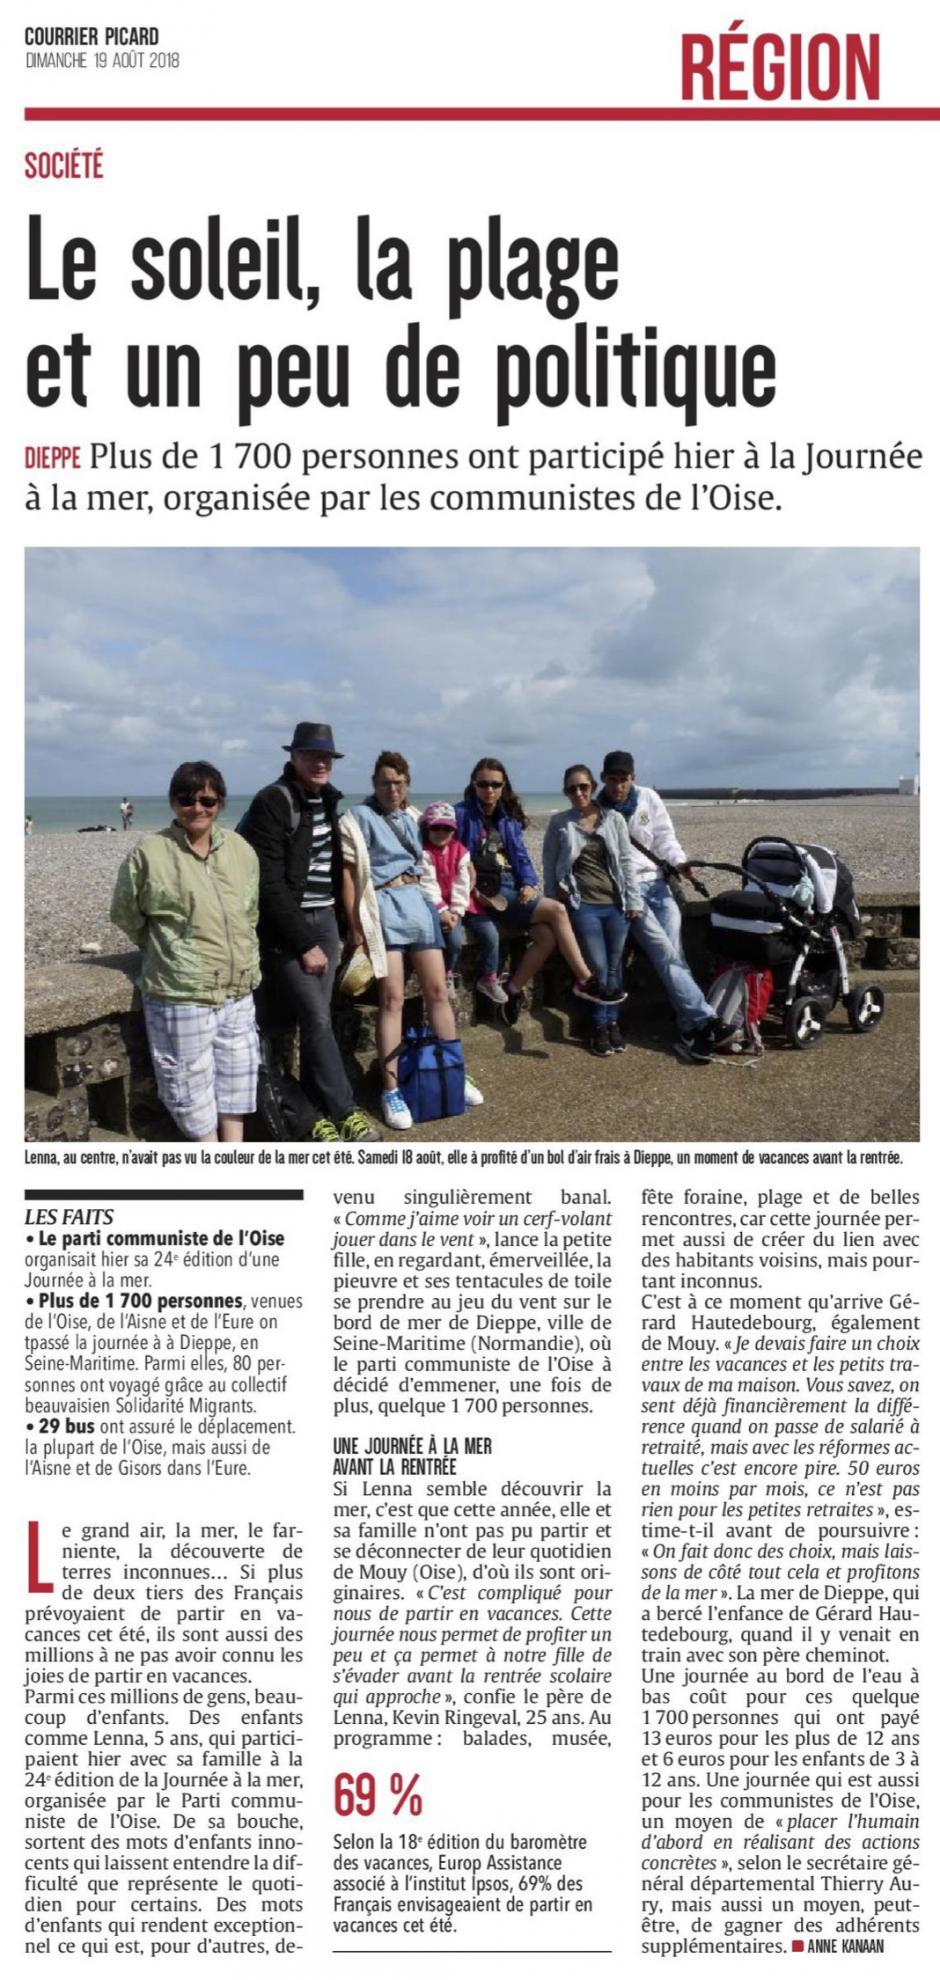 20180819-CP-Oise-Le soleil, la plage et un peu de politique